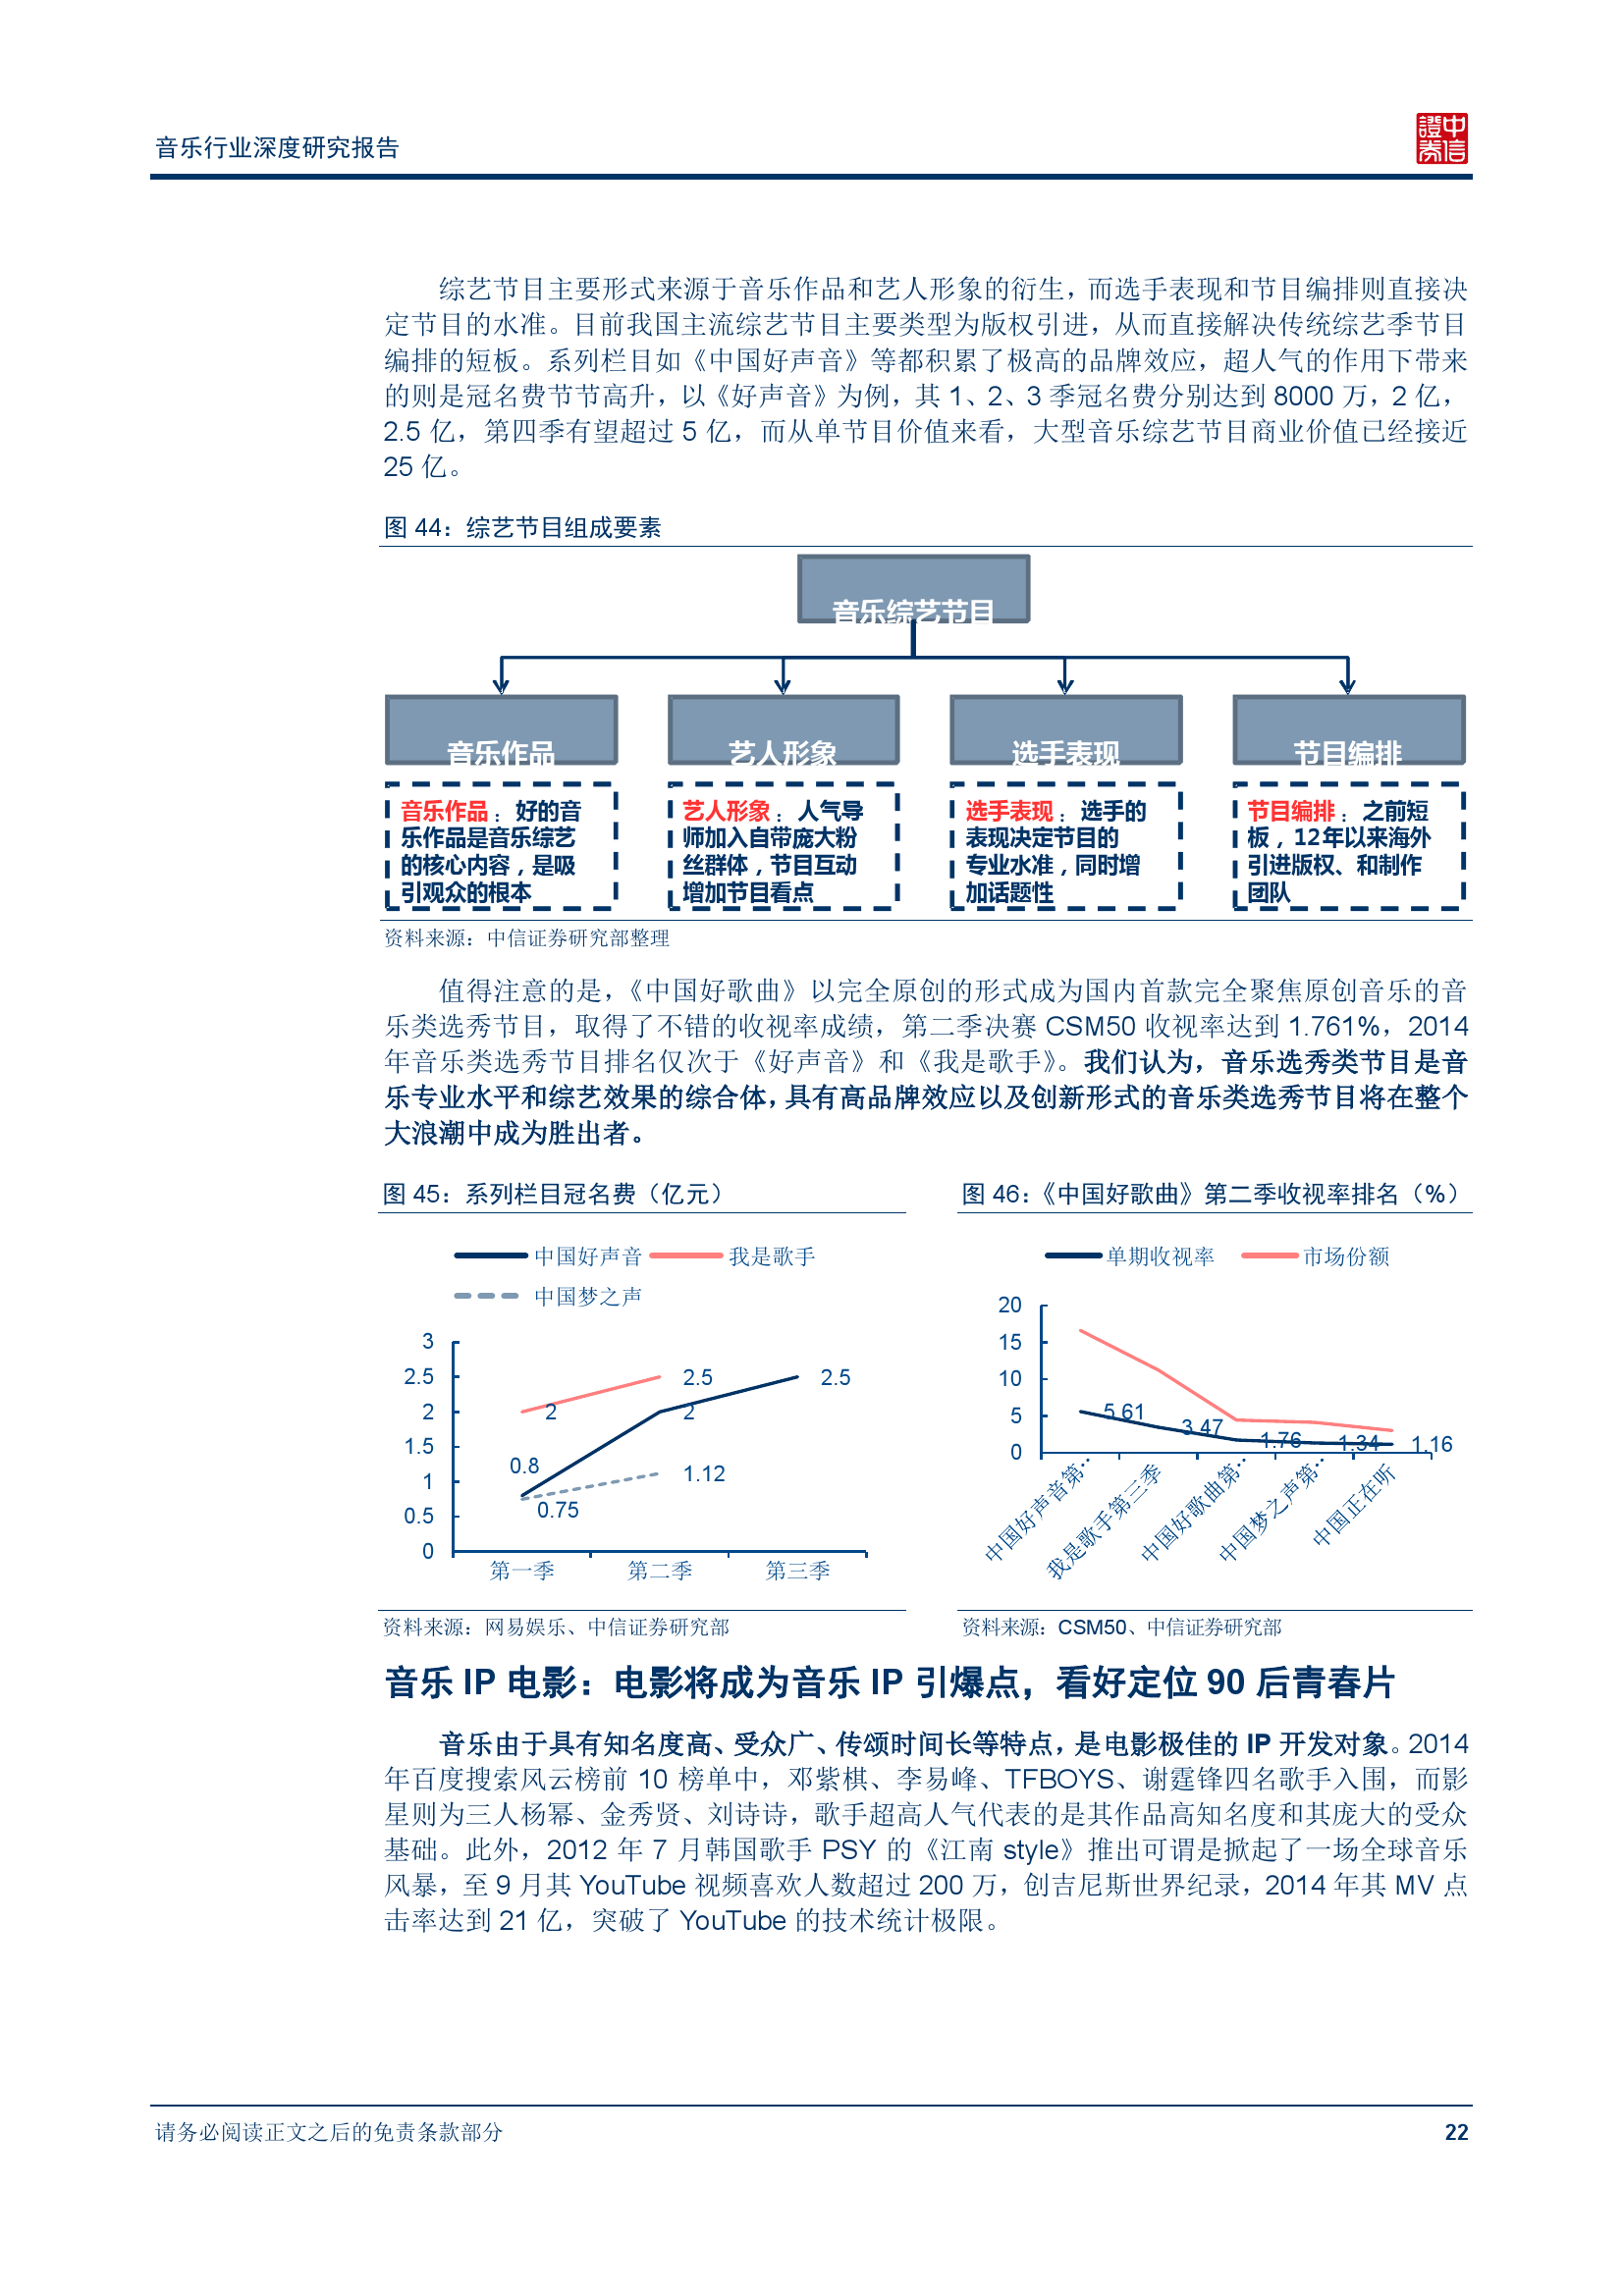 中信证券音乐行业深度研究报告_000027